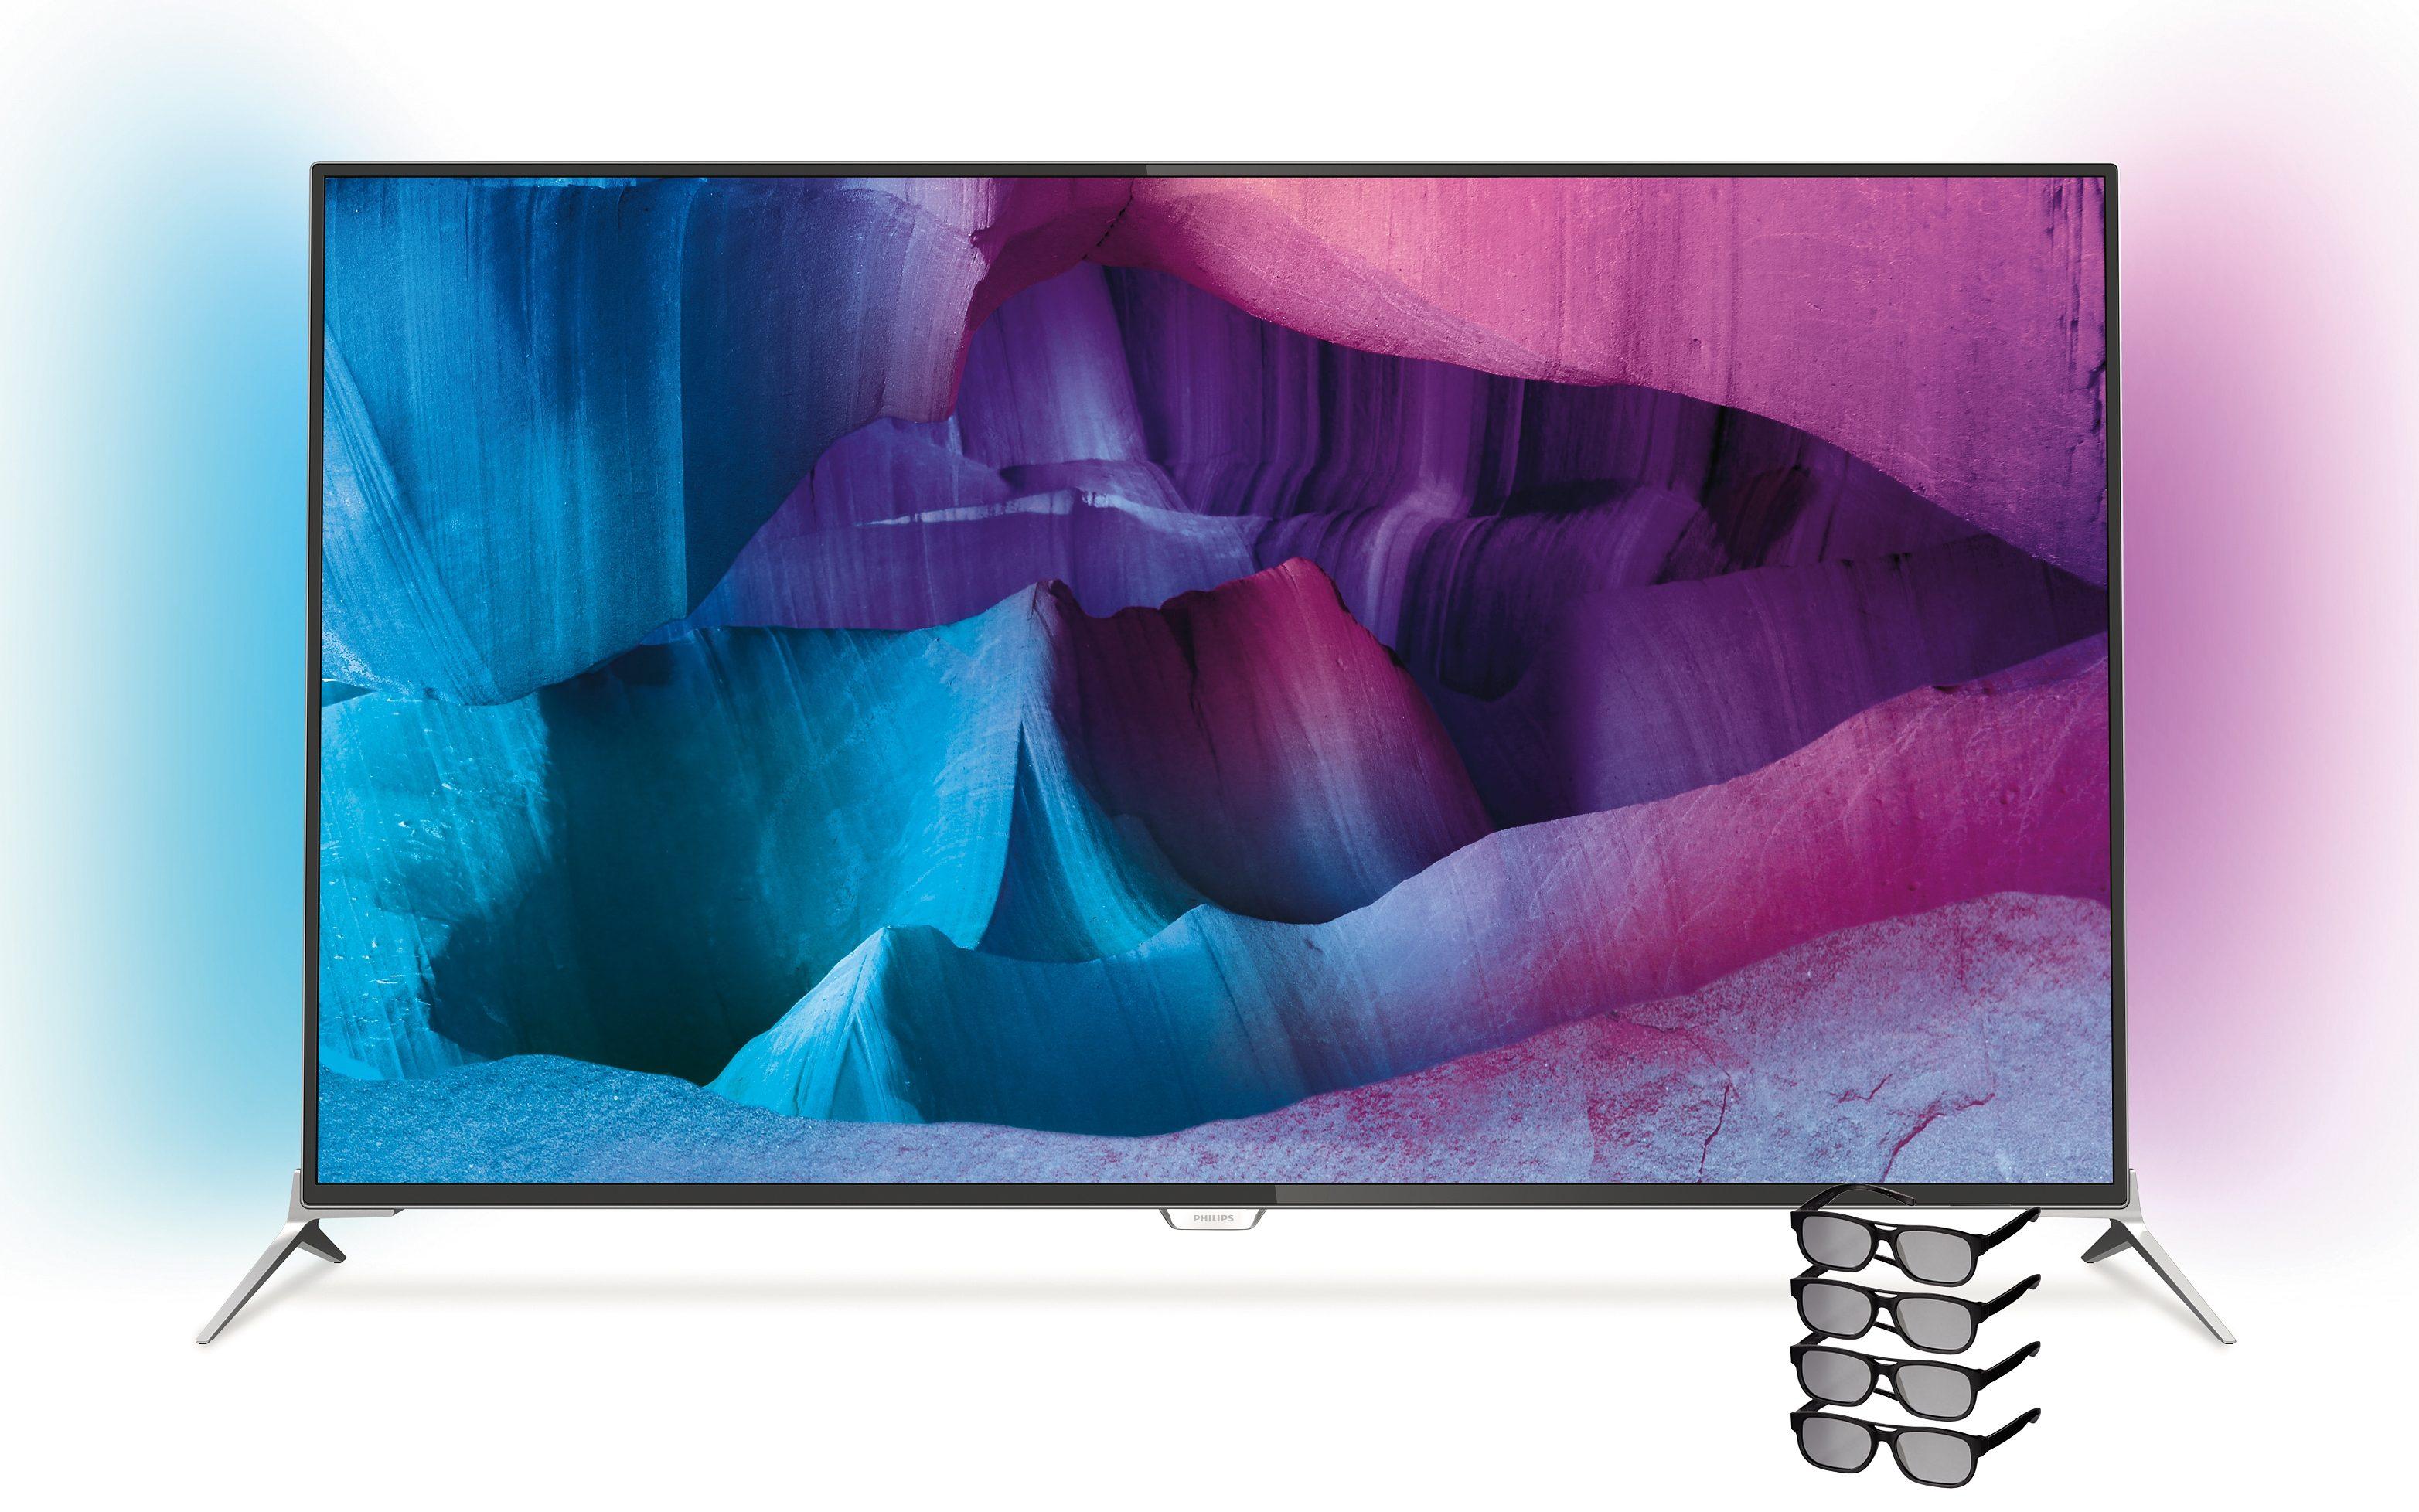 Philips Fernseher Bezeichnung : Philips puk cm zoll p k ultra hd ambilight